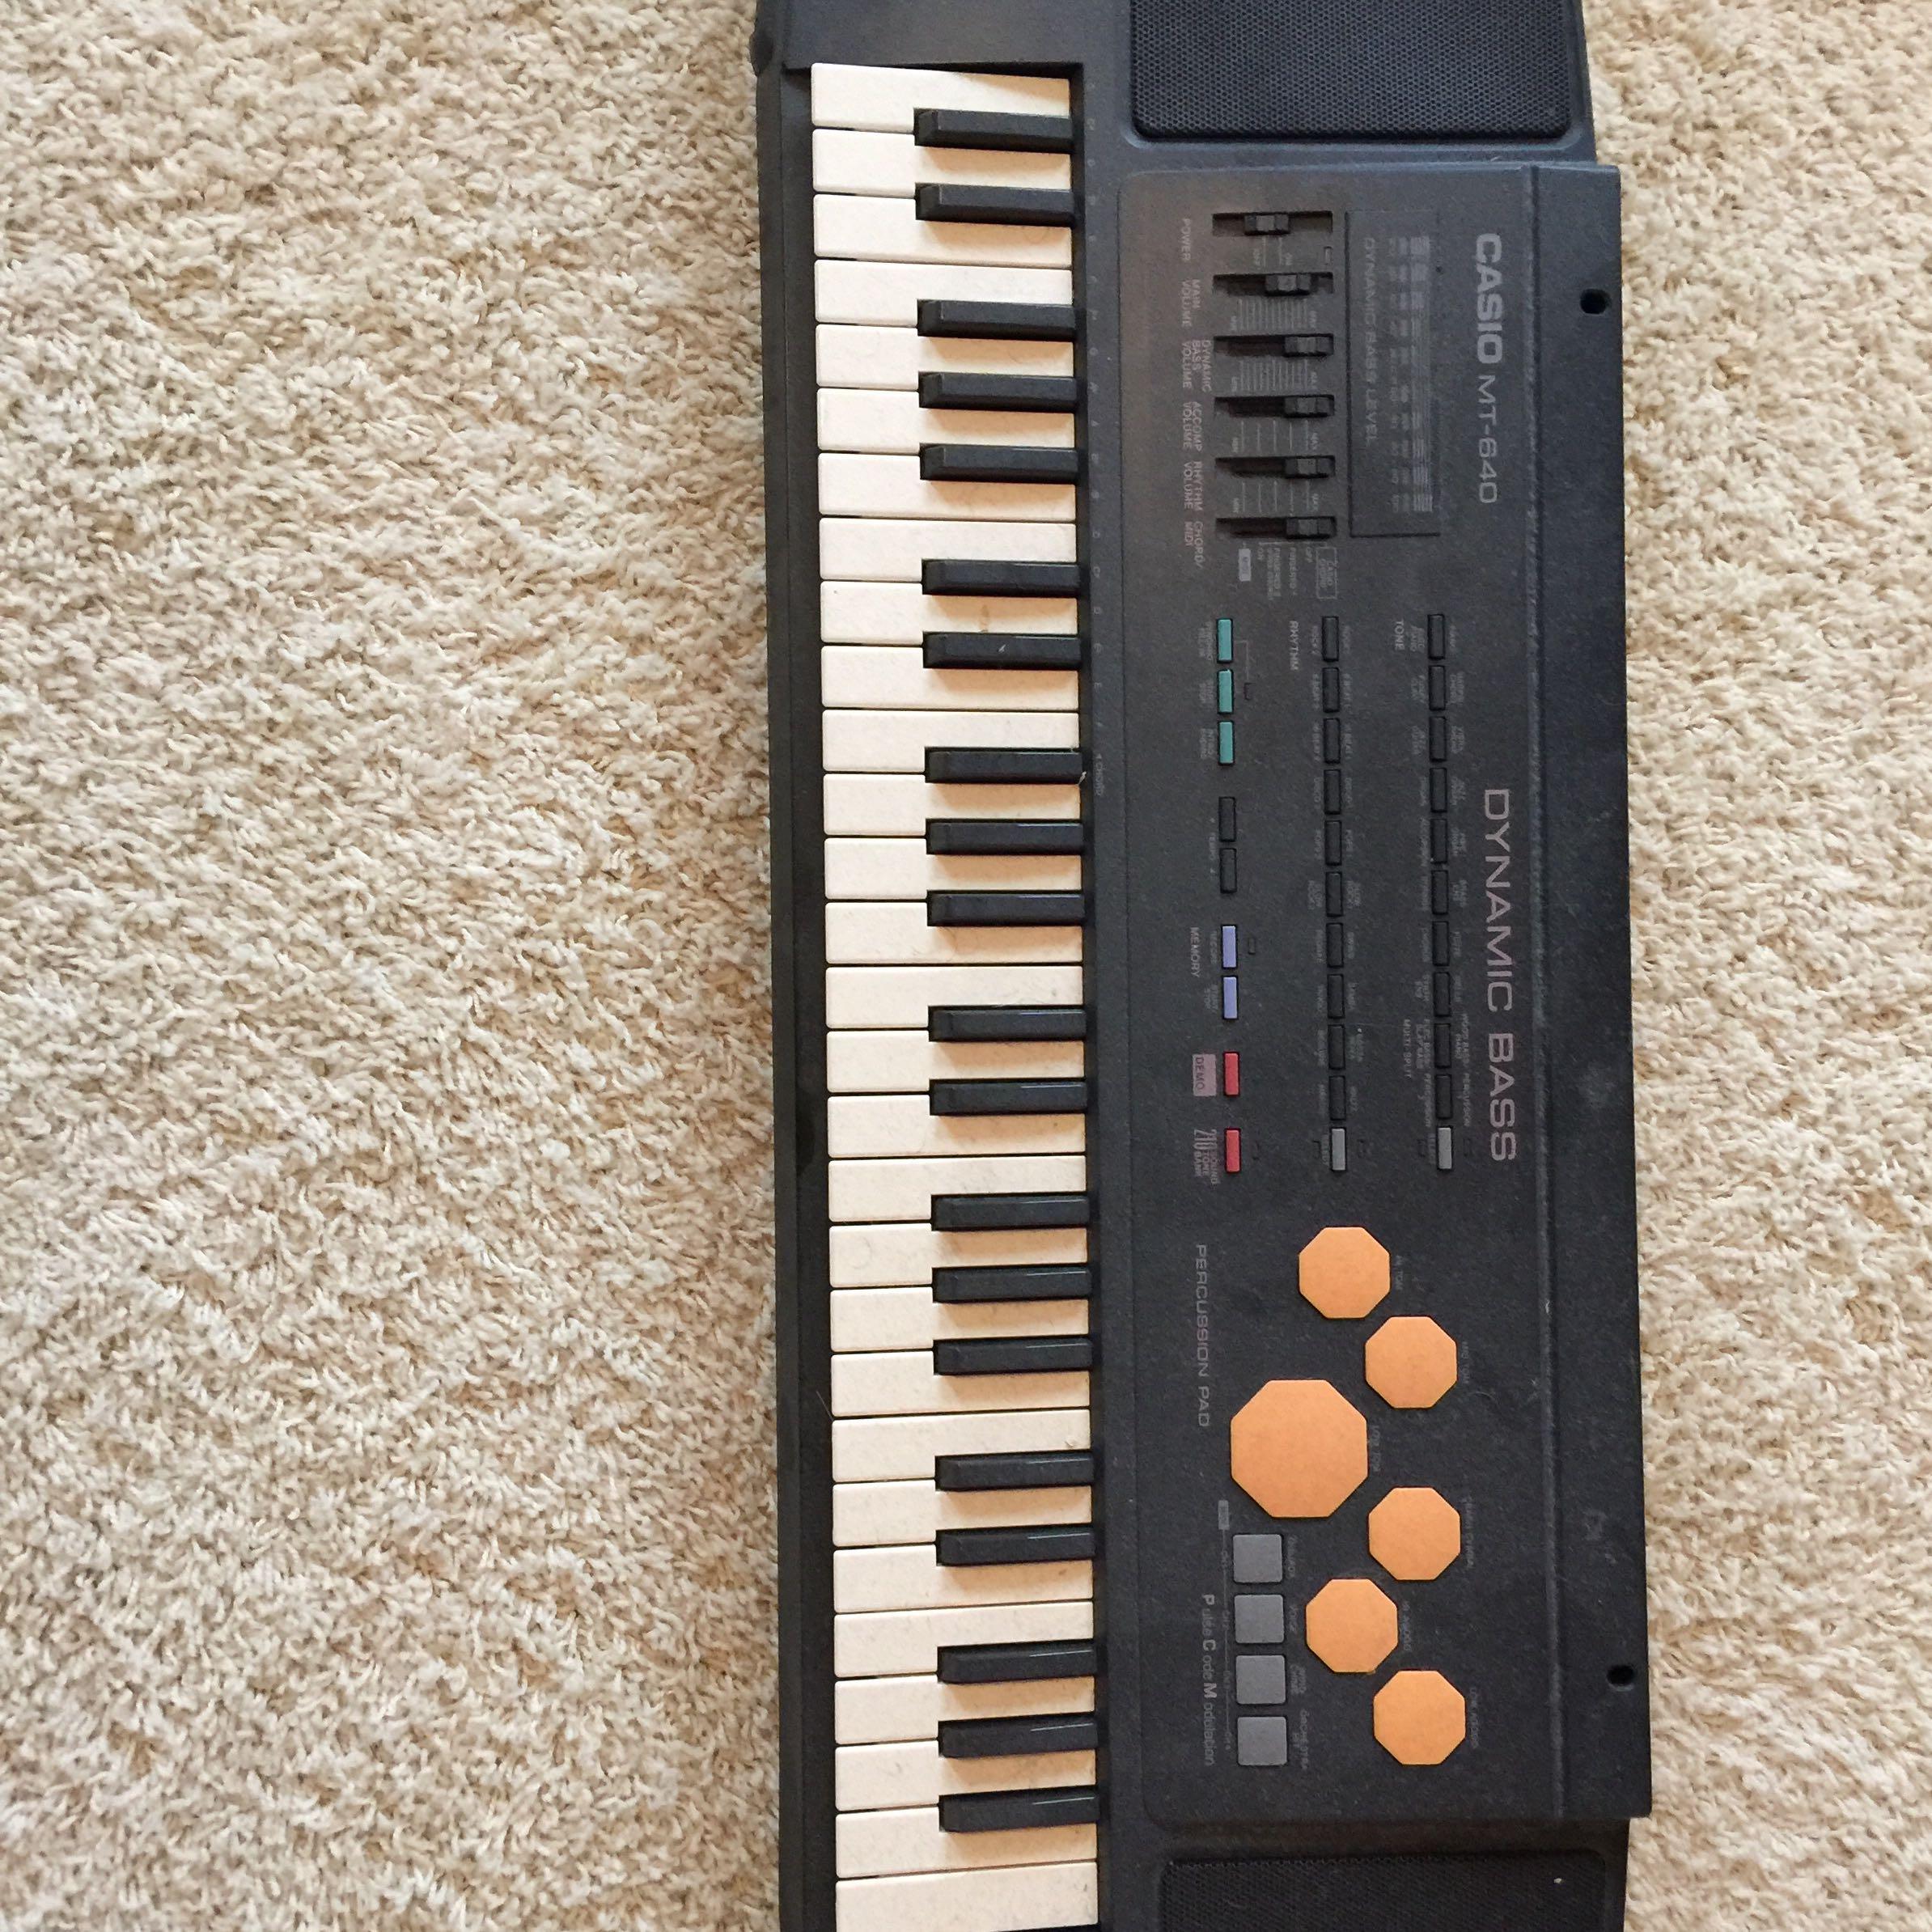 f r wie viel geld kann man dieses keyboard in ebay verkaufen preis. Black Bedroom Furniture Sets. Home Design Ideas